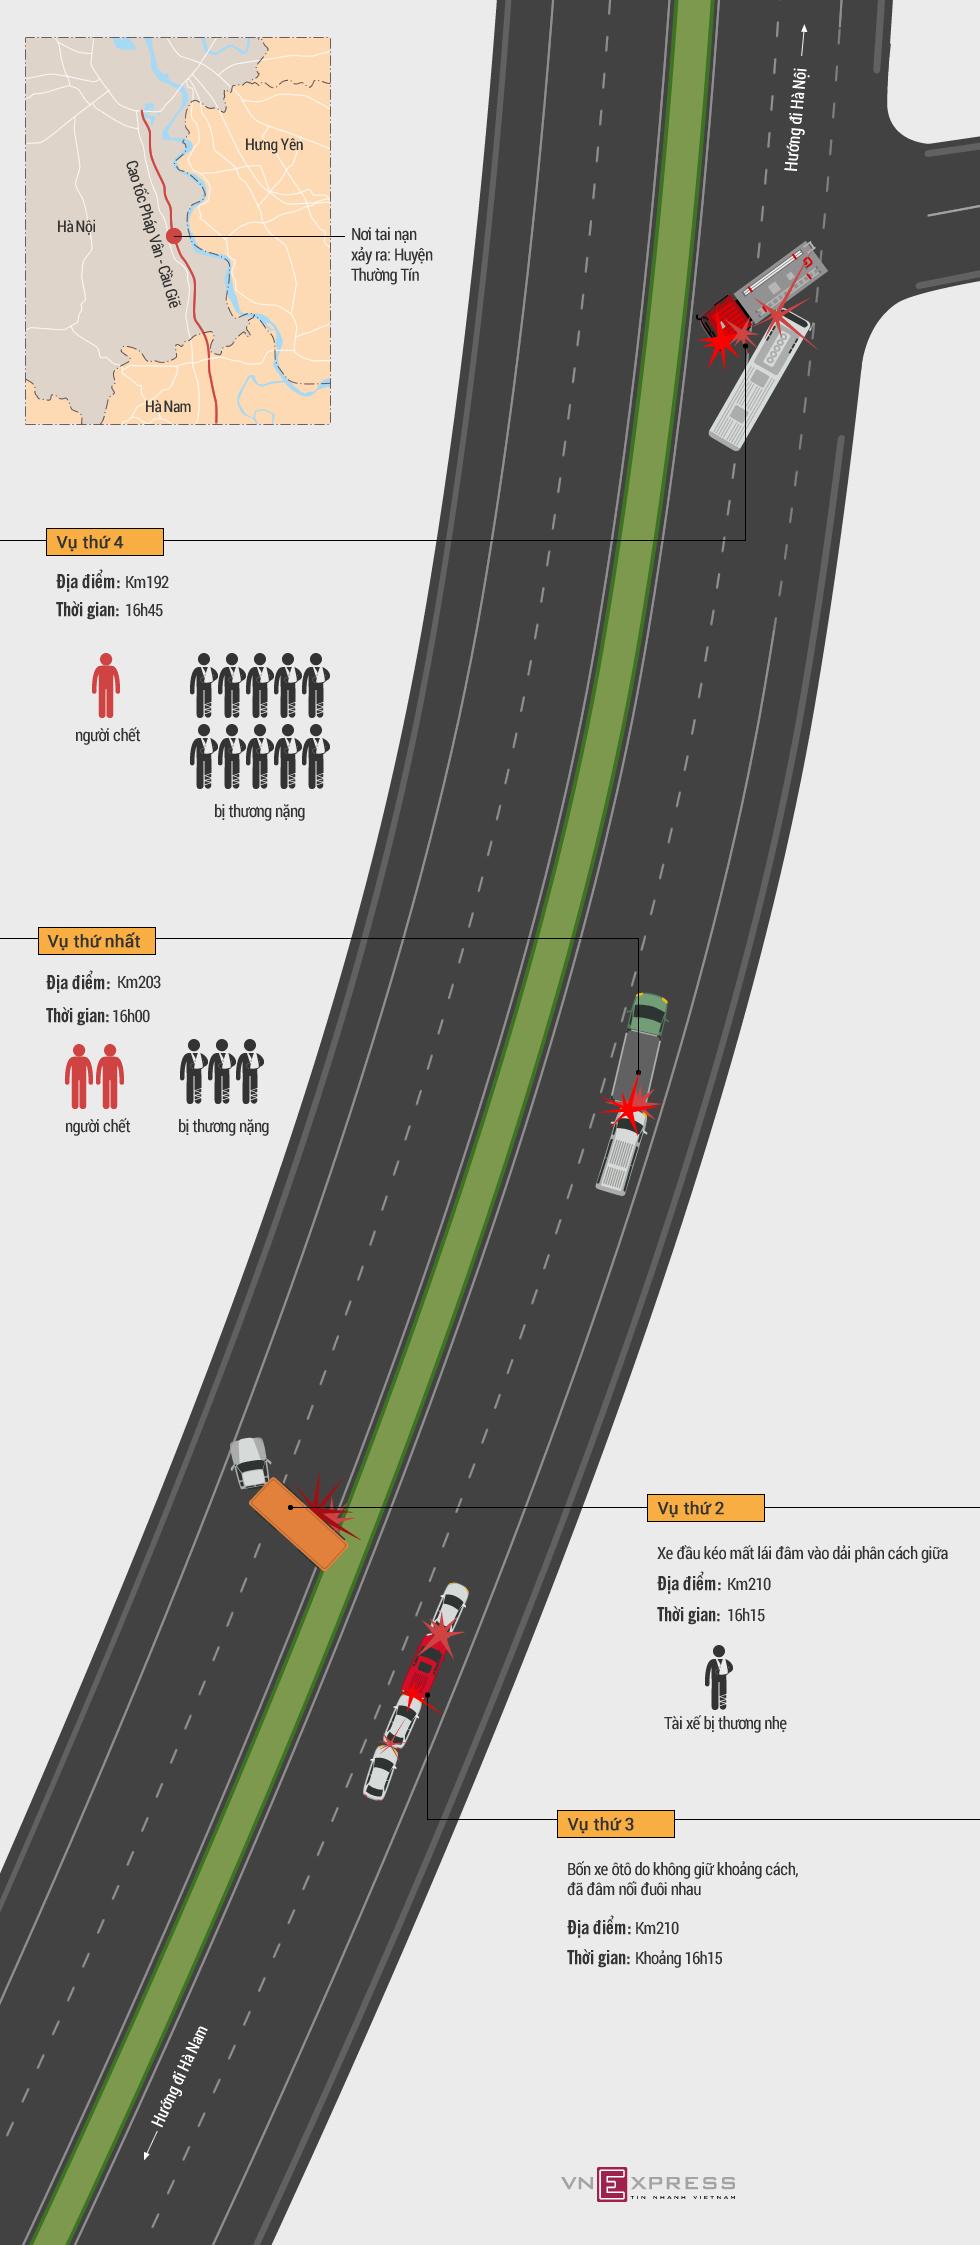 Diễn biến bốn vụ tai nạn trên cao tốc Pháp Vân